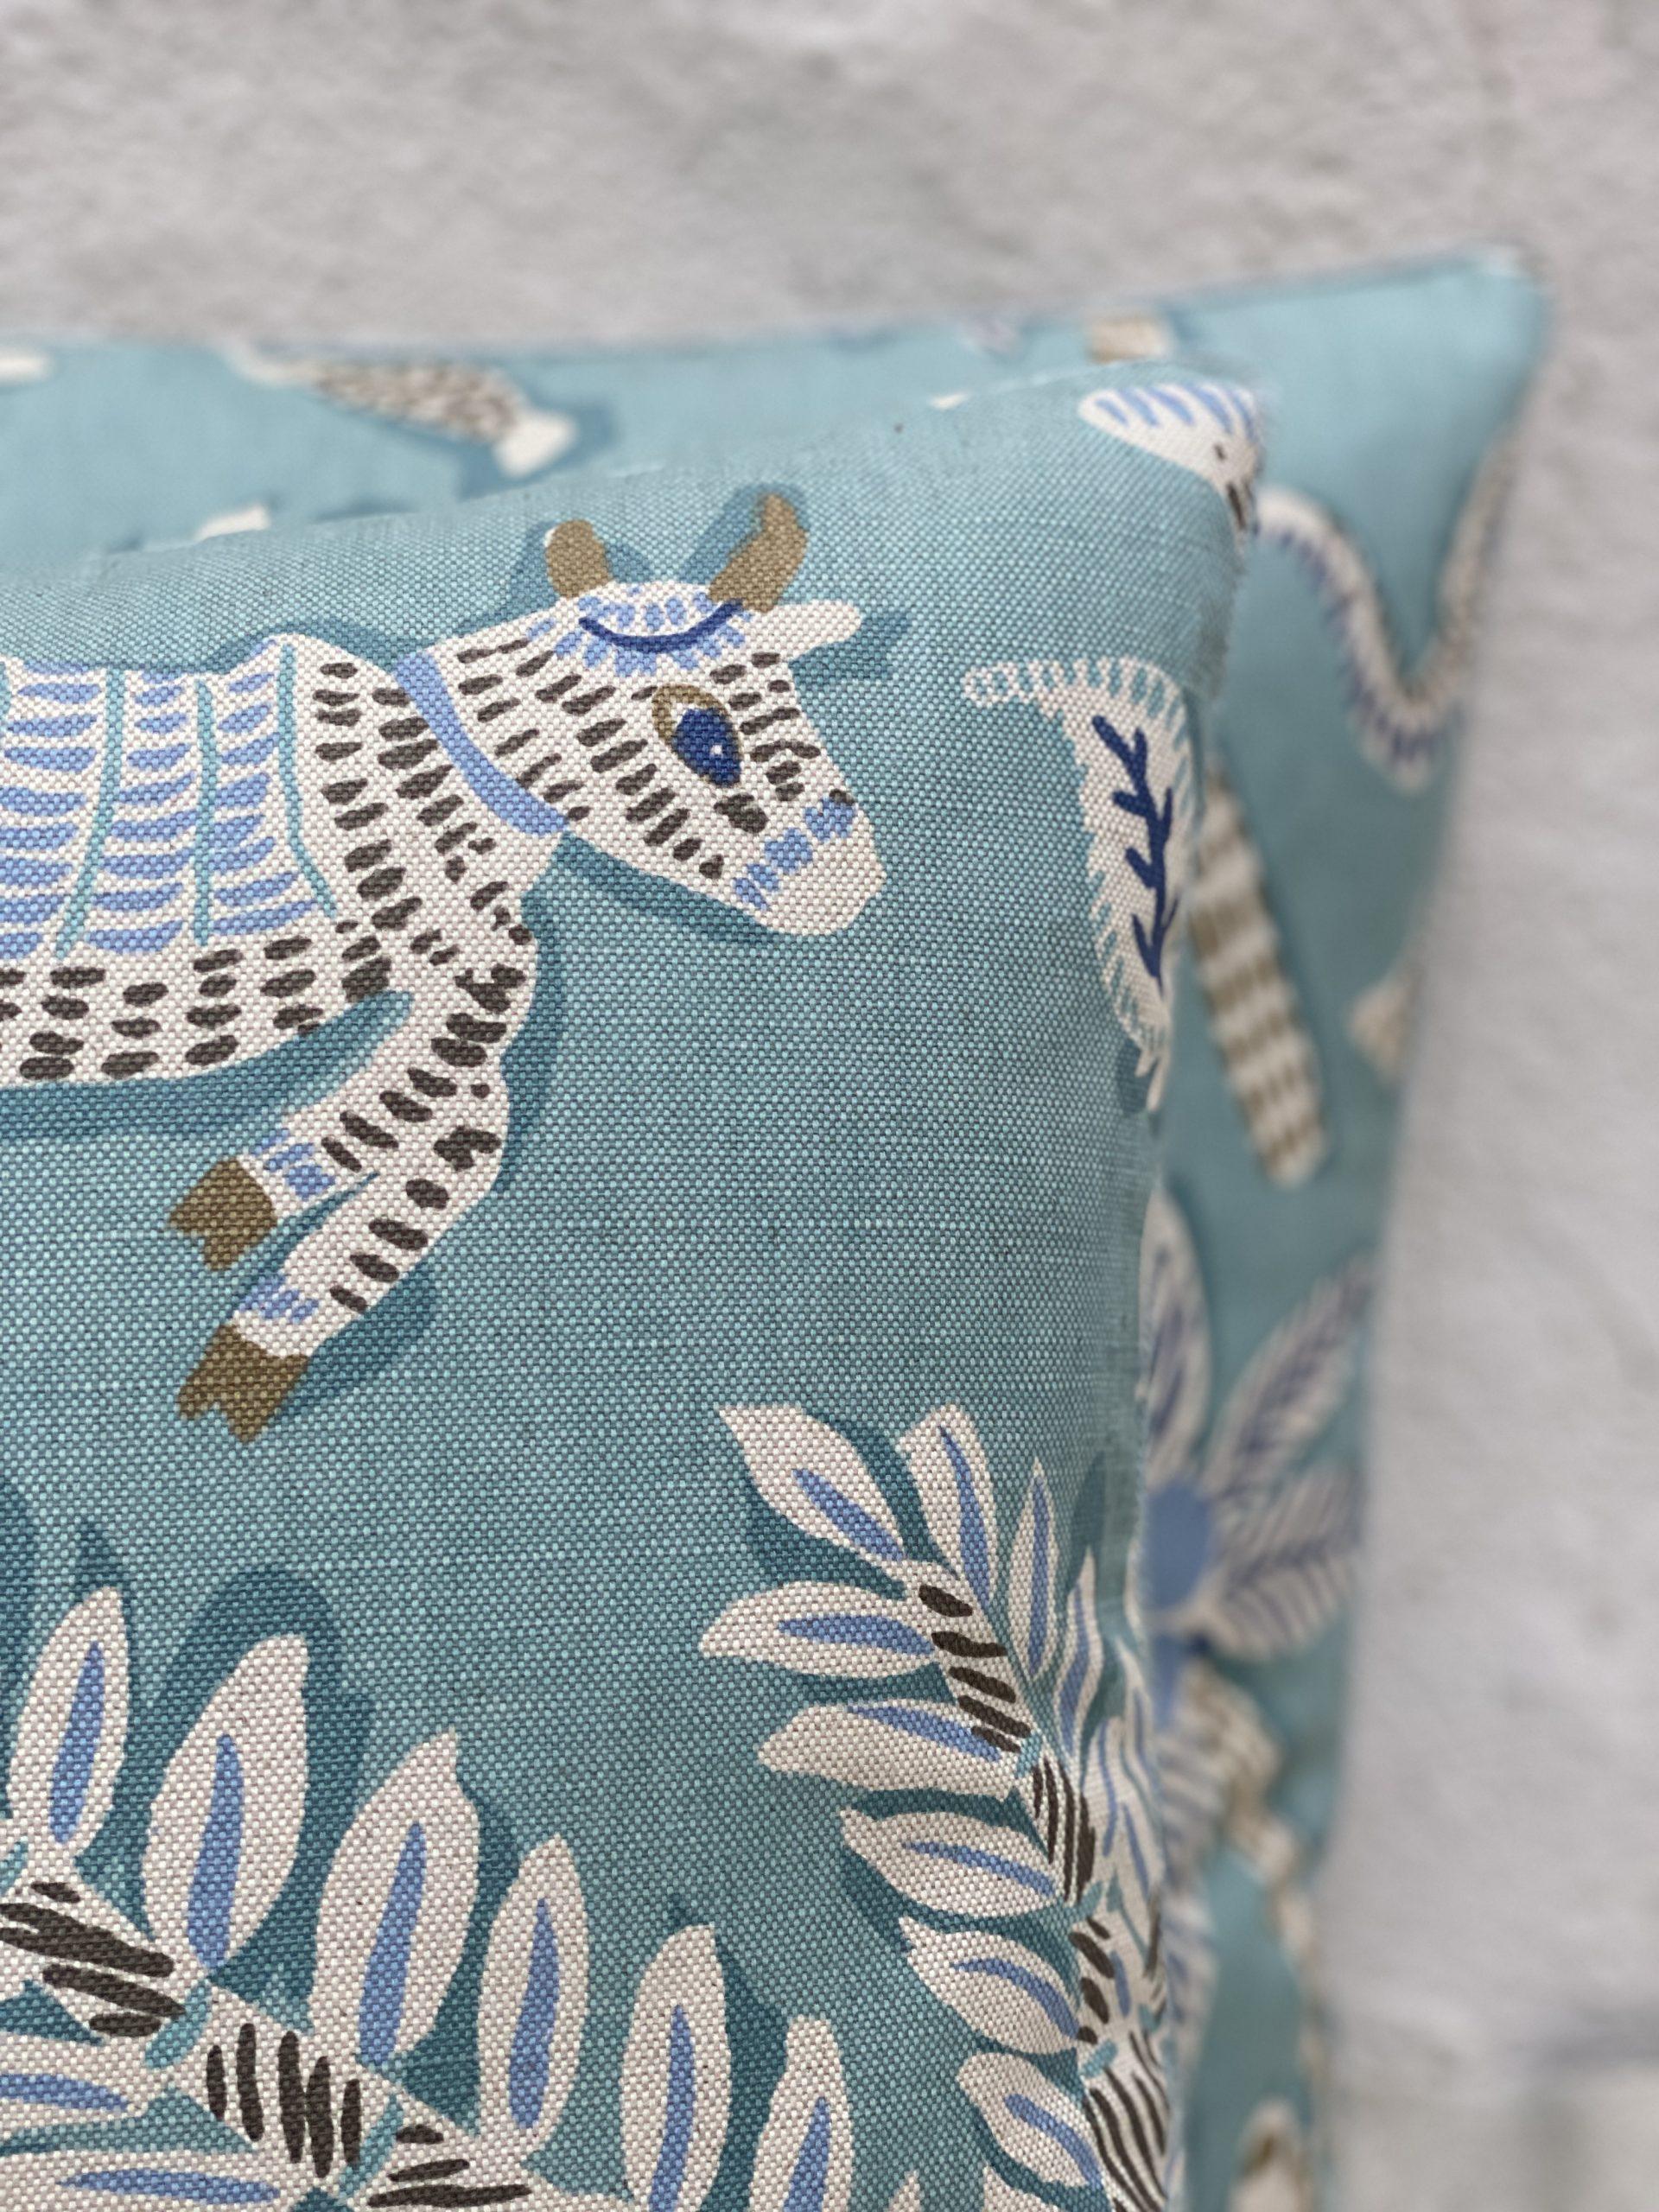 Palindrome Design Pillows